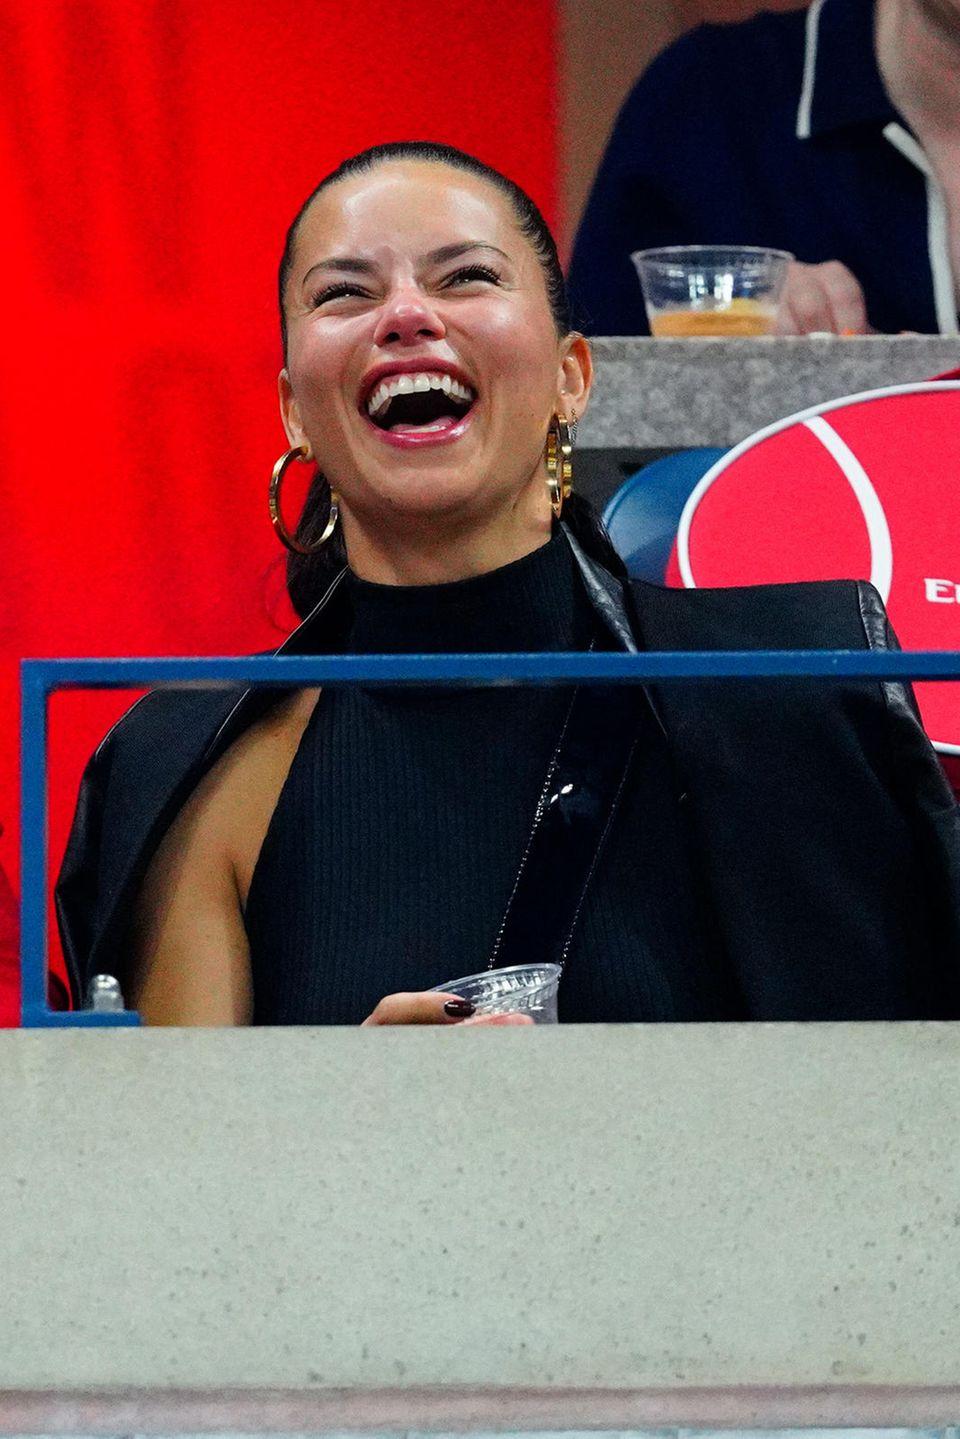 Doch nicht nur beim Posing vor der US-Open-Fotowand, sondern auch auf demZuschauerrangmacht Adriana Lima herzlich lachend eine gute Figur.